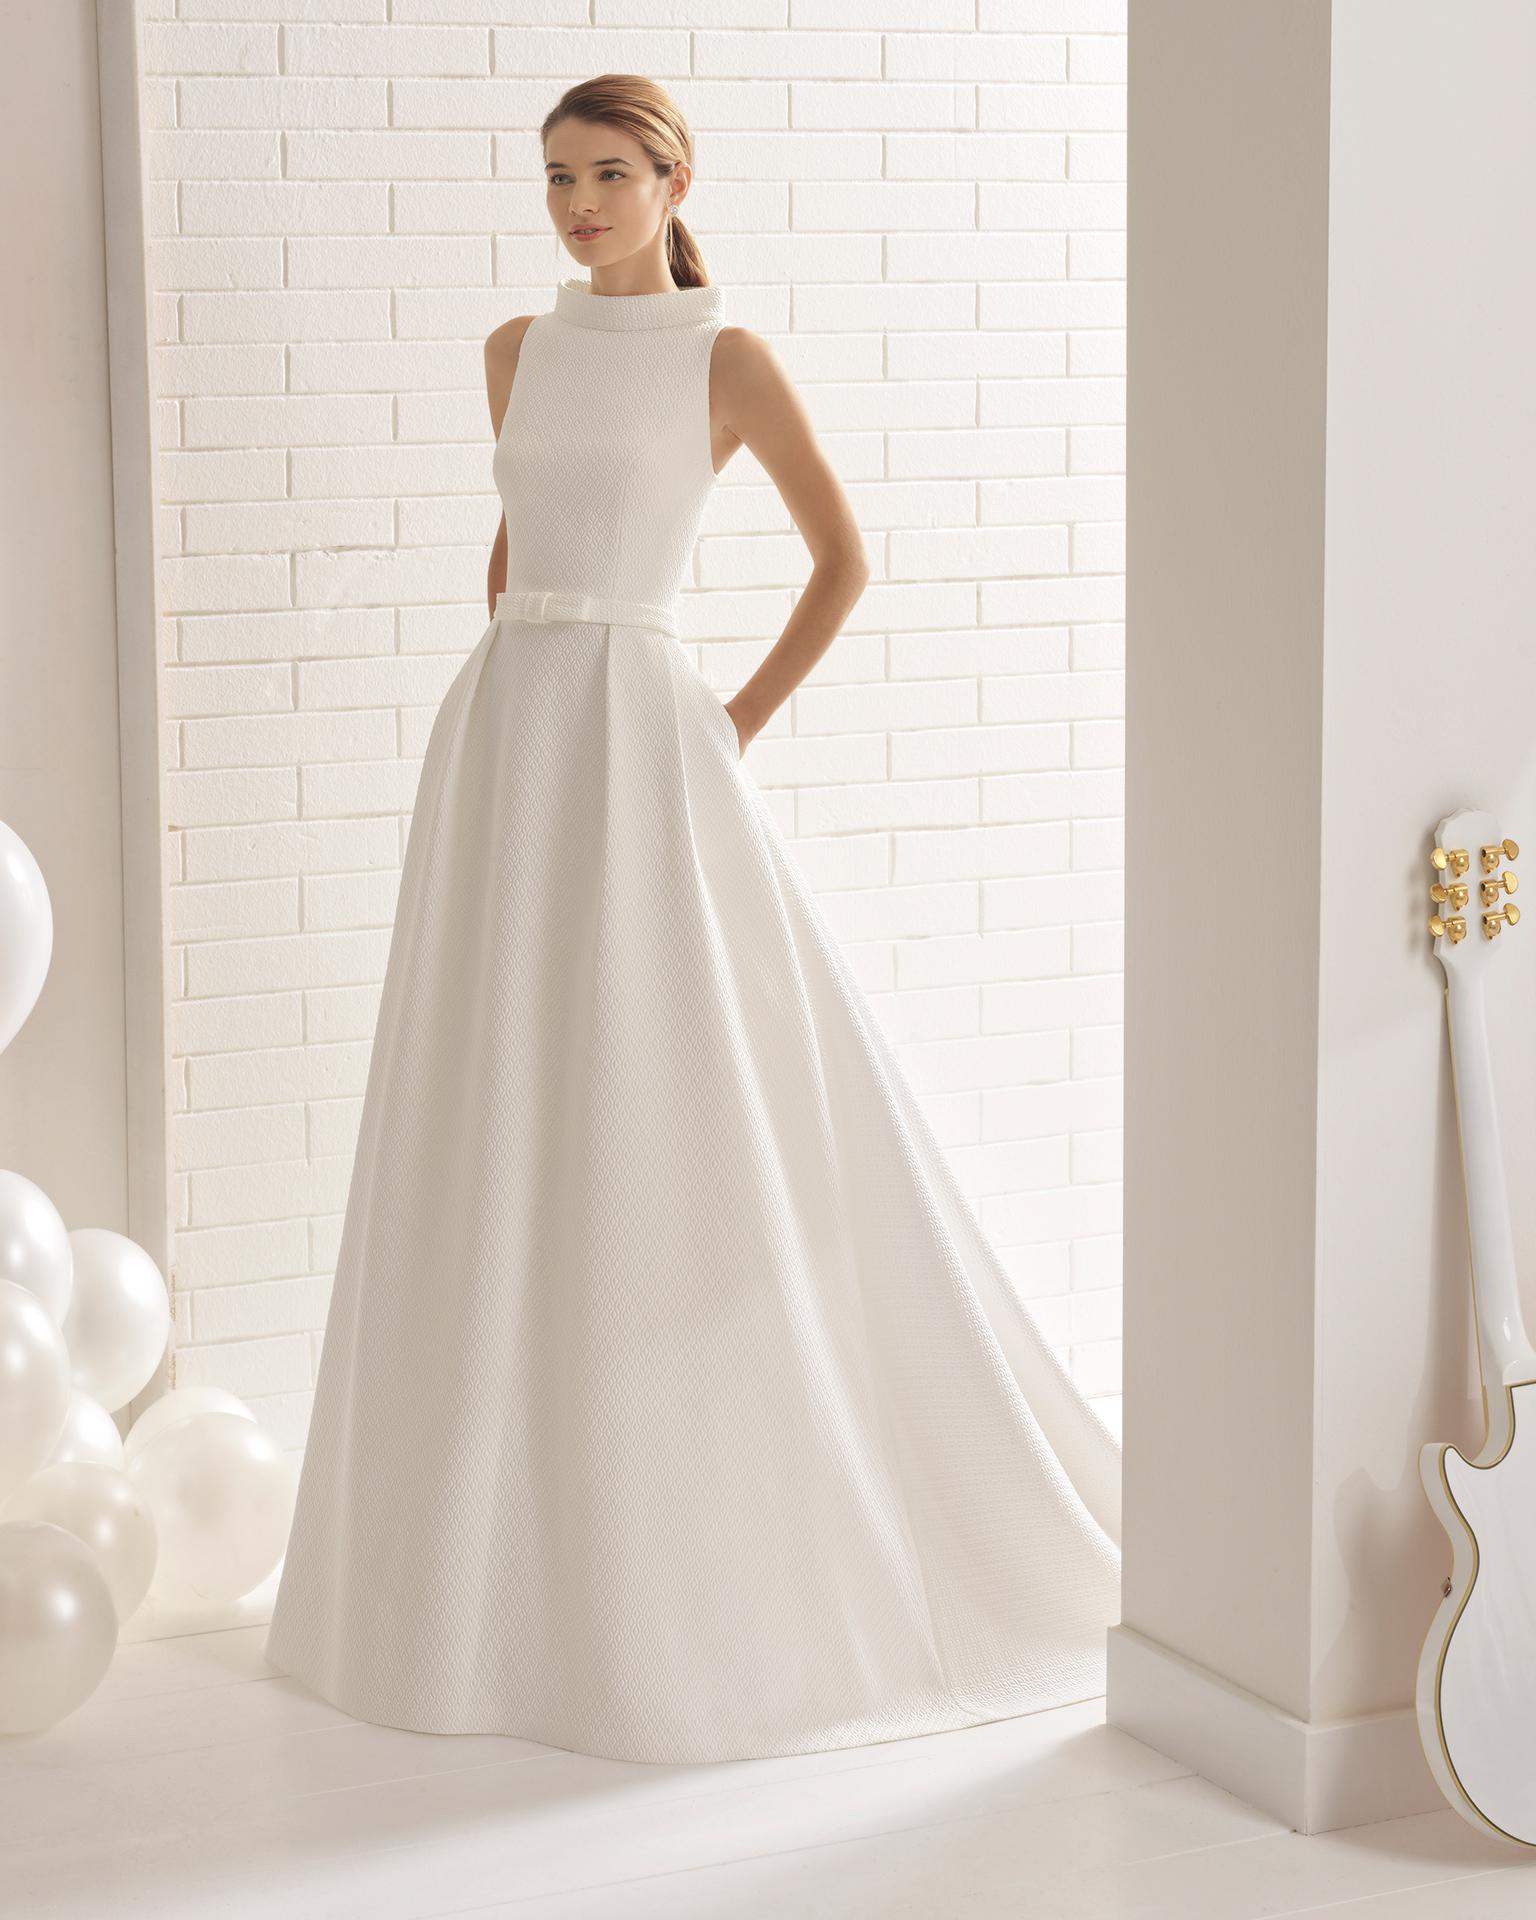 Robe de mariée style classique en cloqué, col bateau avec nœud à la taille et poches.